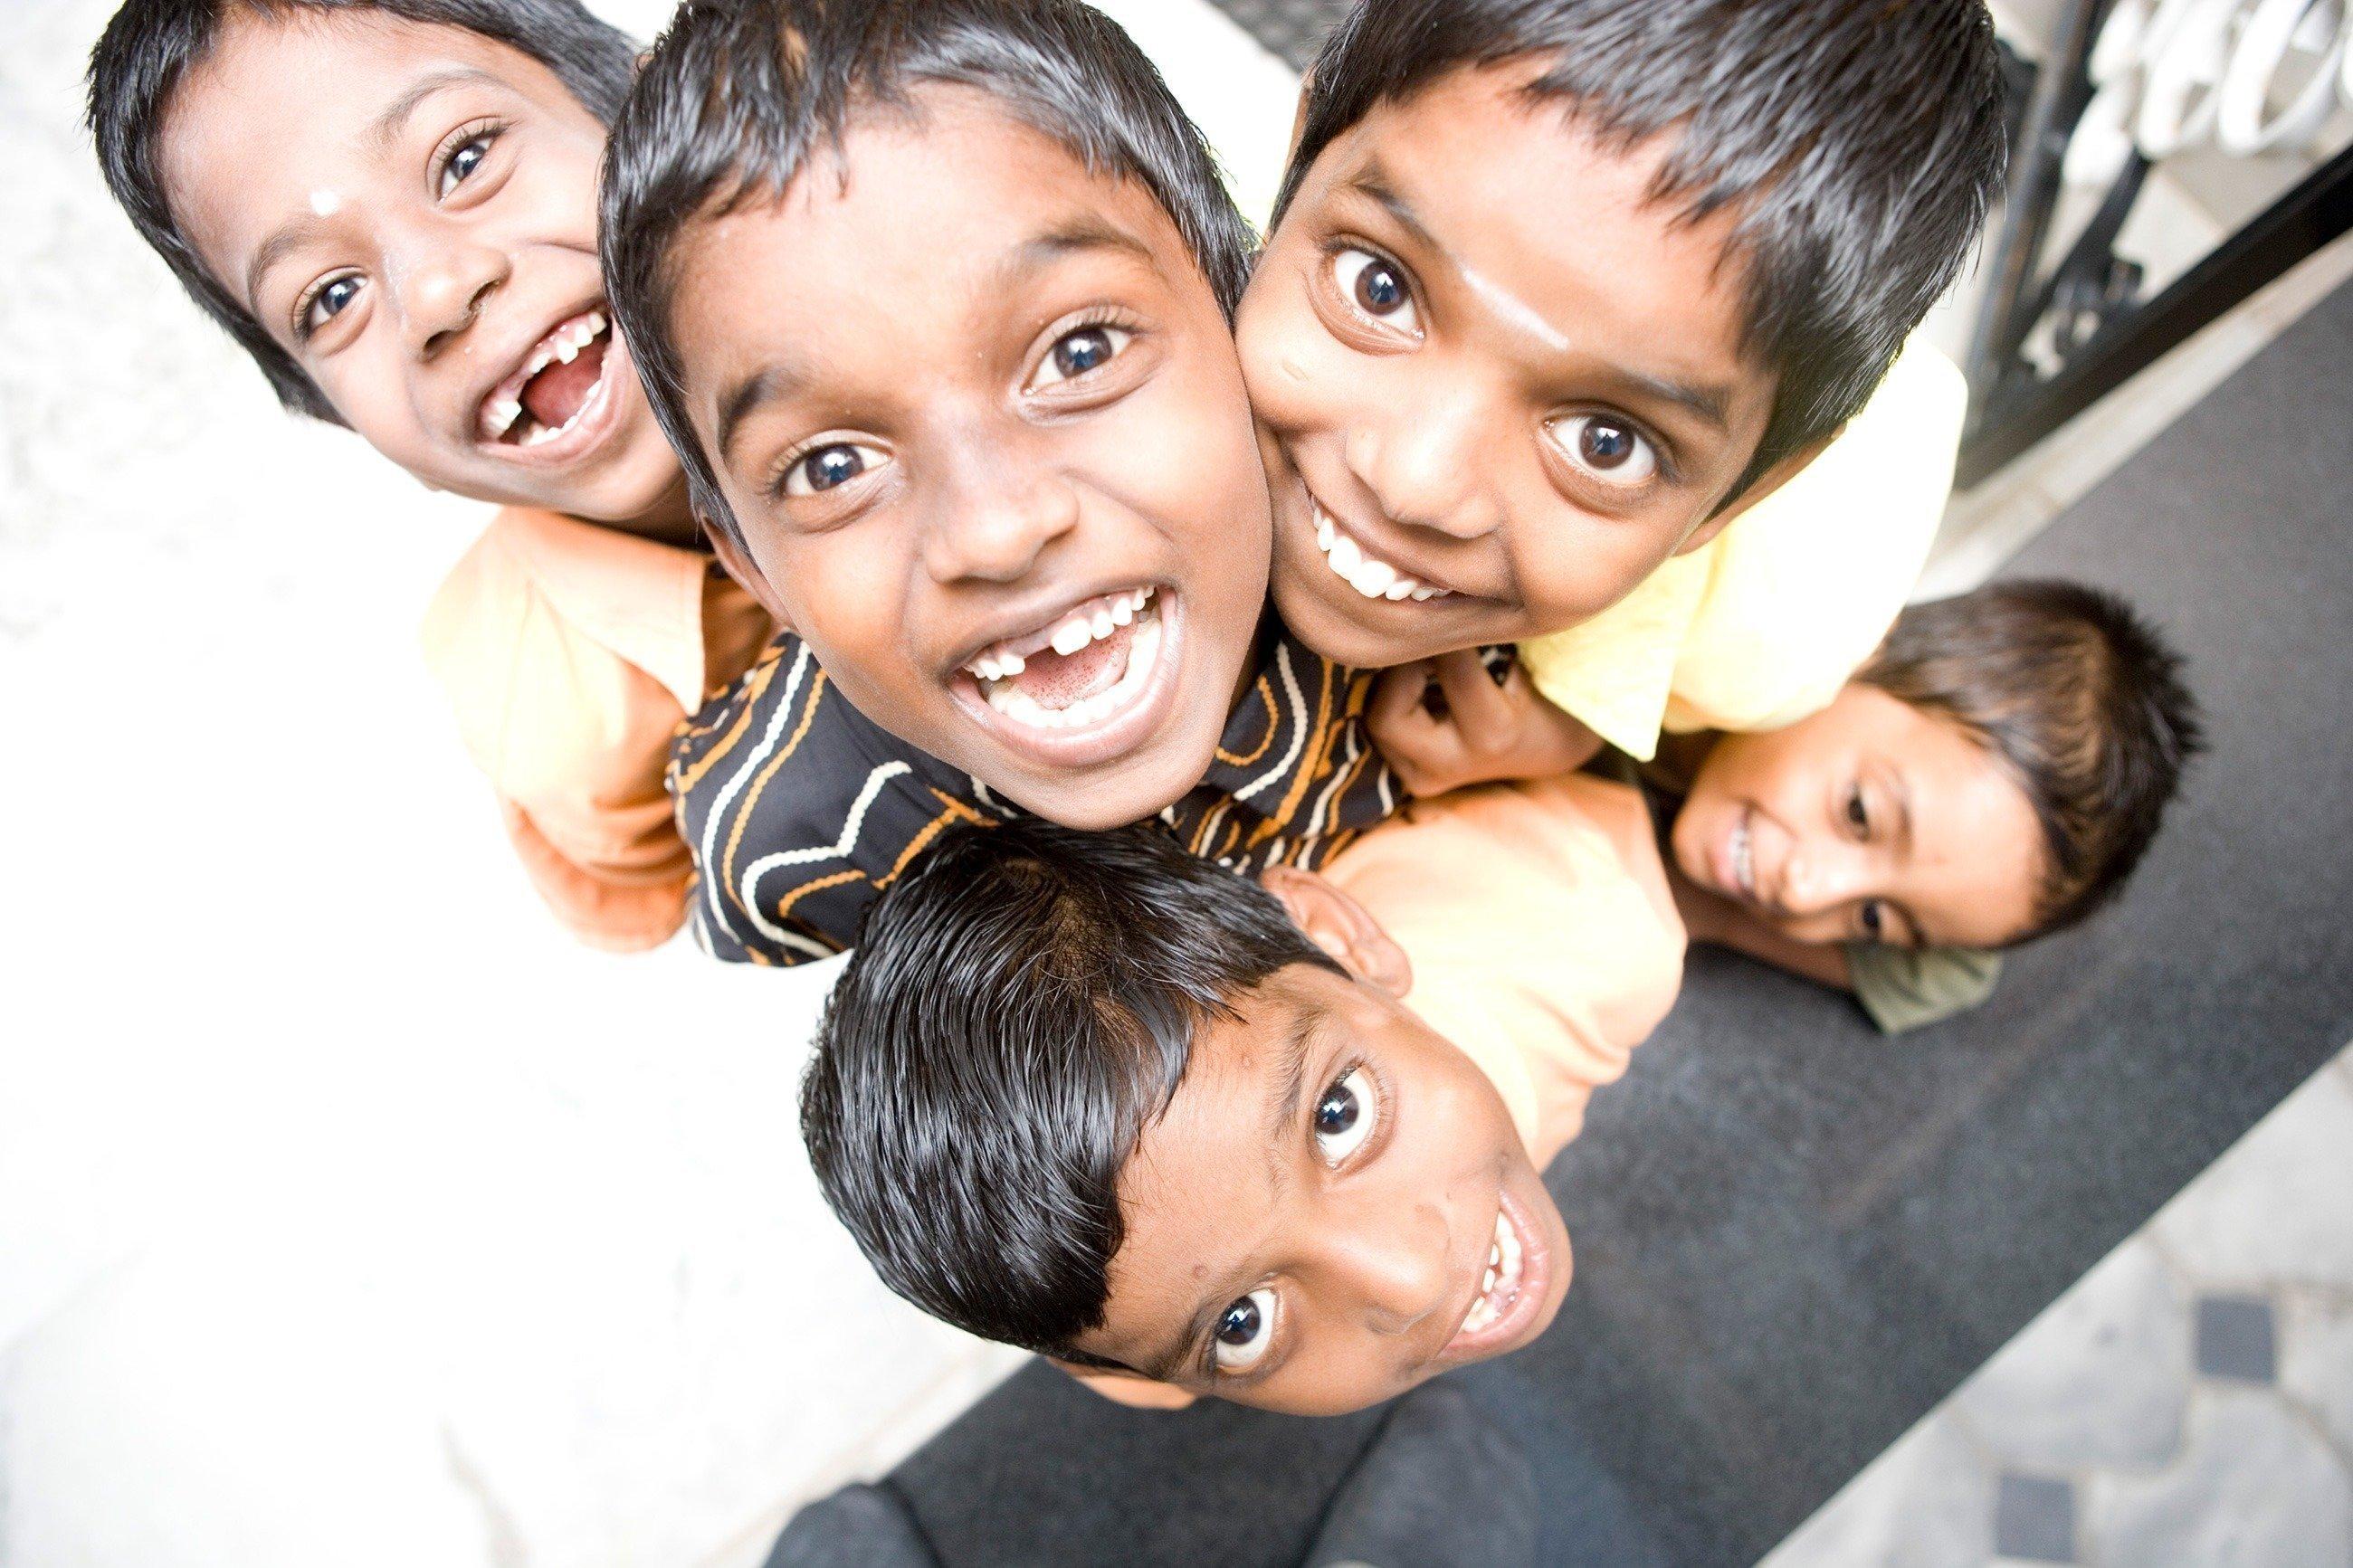 Bambini indiani sorridenti guardano in alto verso l'obiettivo.